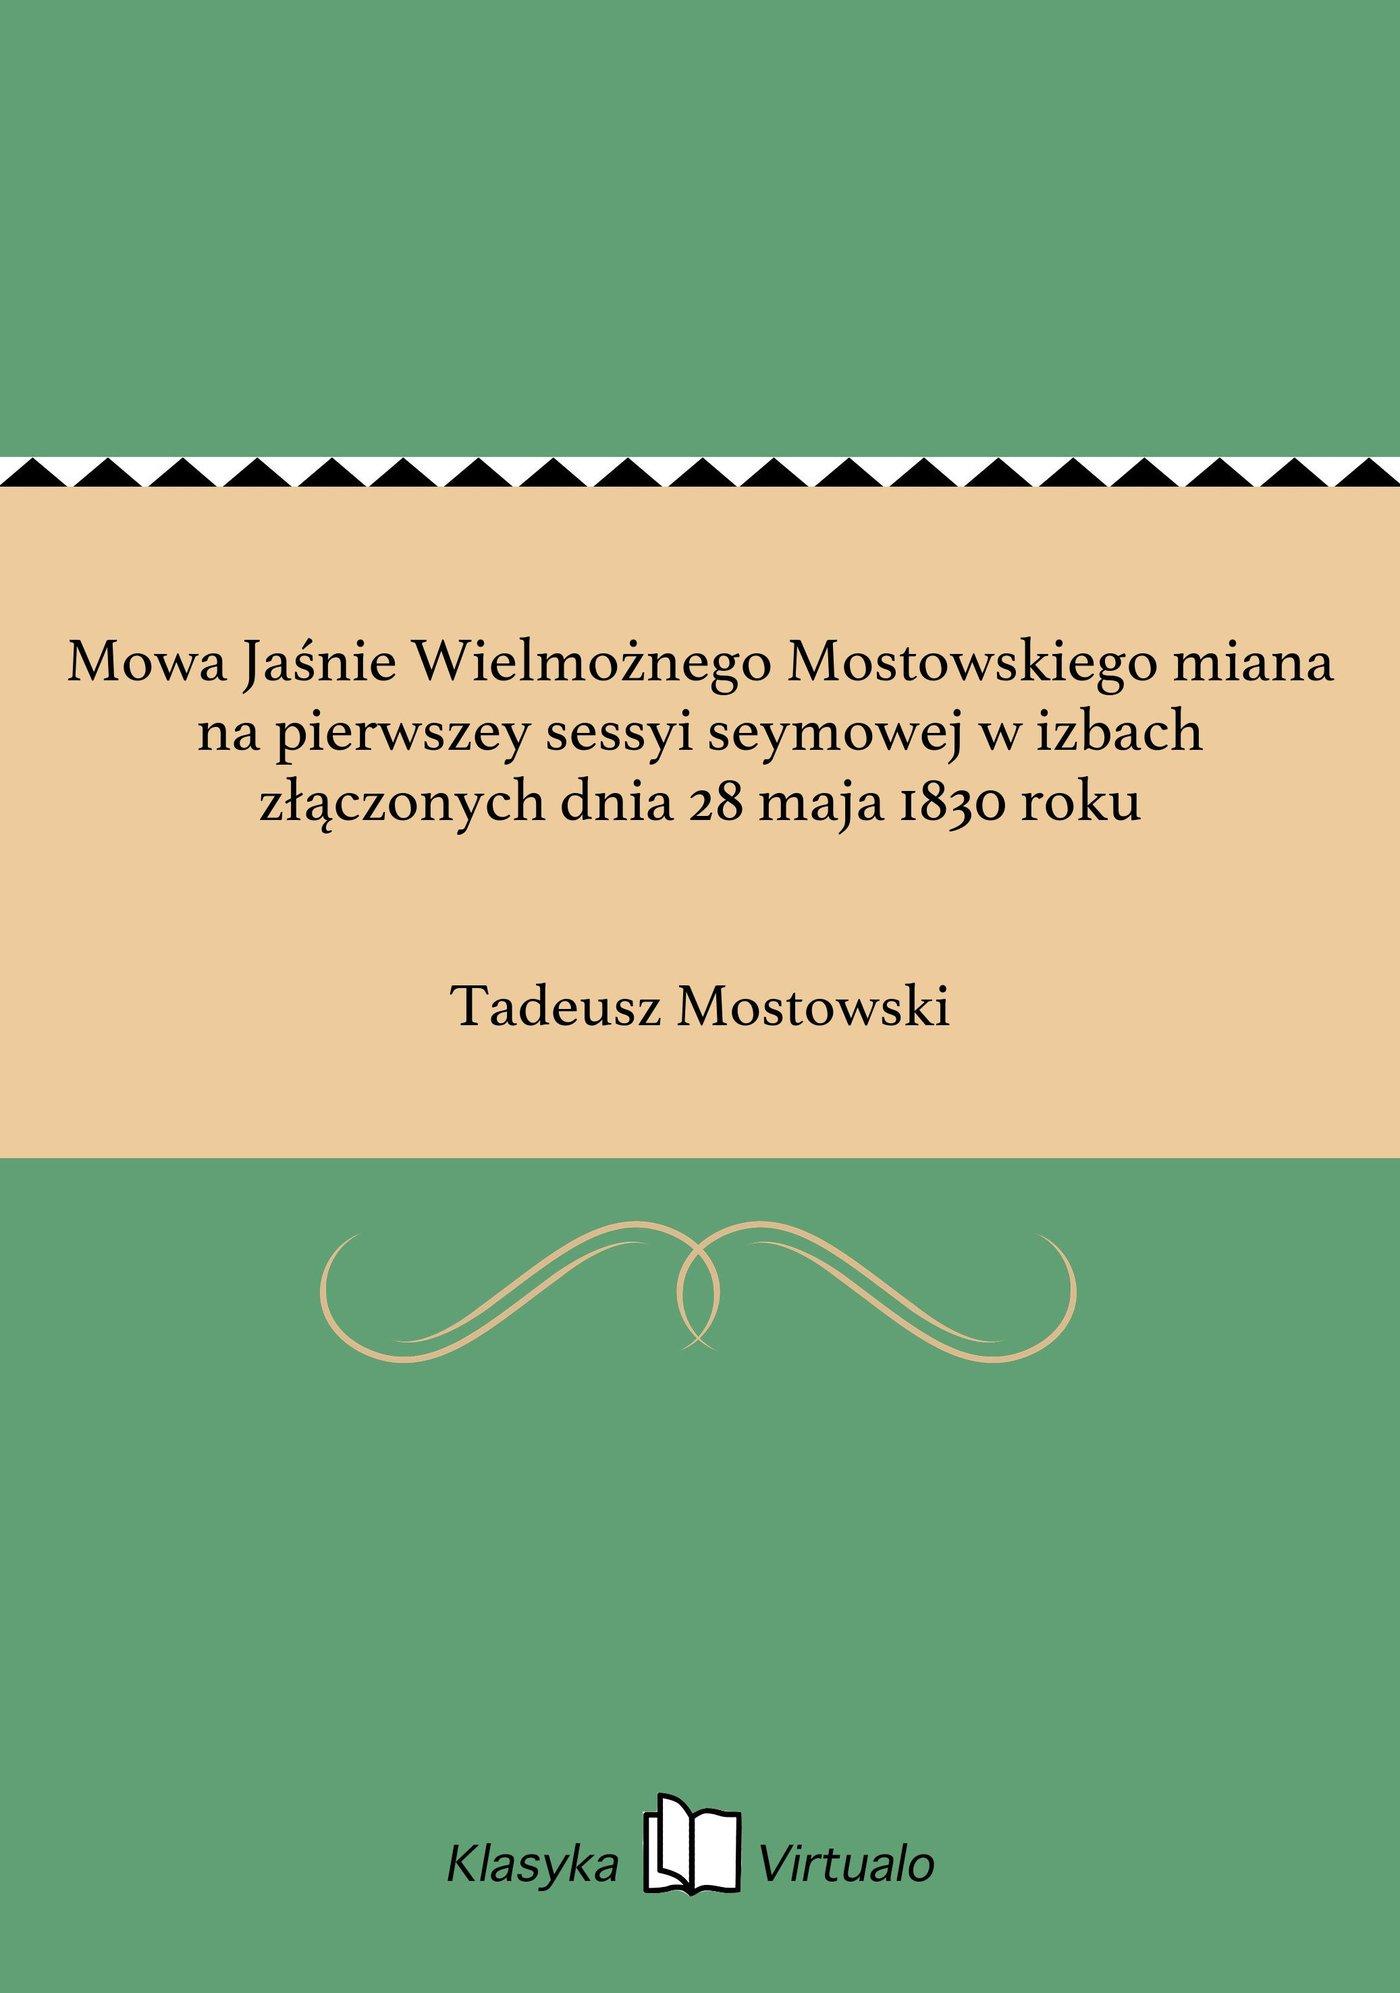 Mowa Jaśnie Wielmożnego Mostowskiego miana na pierwszey sessyi seymowej w izbach złączonych dnia 28 maja 1830 roku - Ebook (Książka EPUB) do pobrania w formacie EPUB